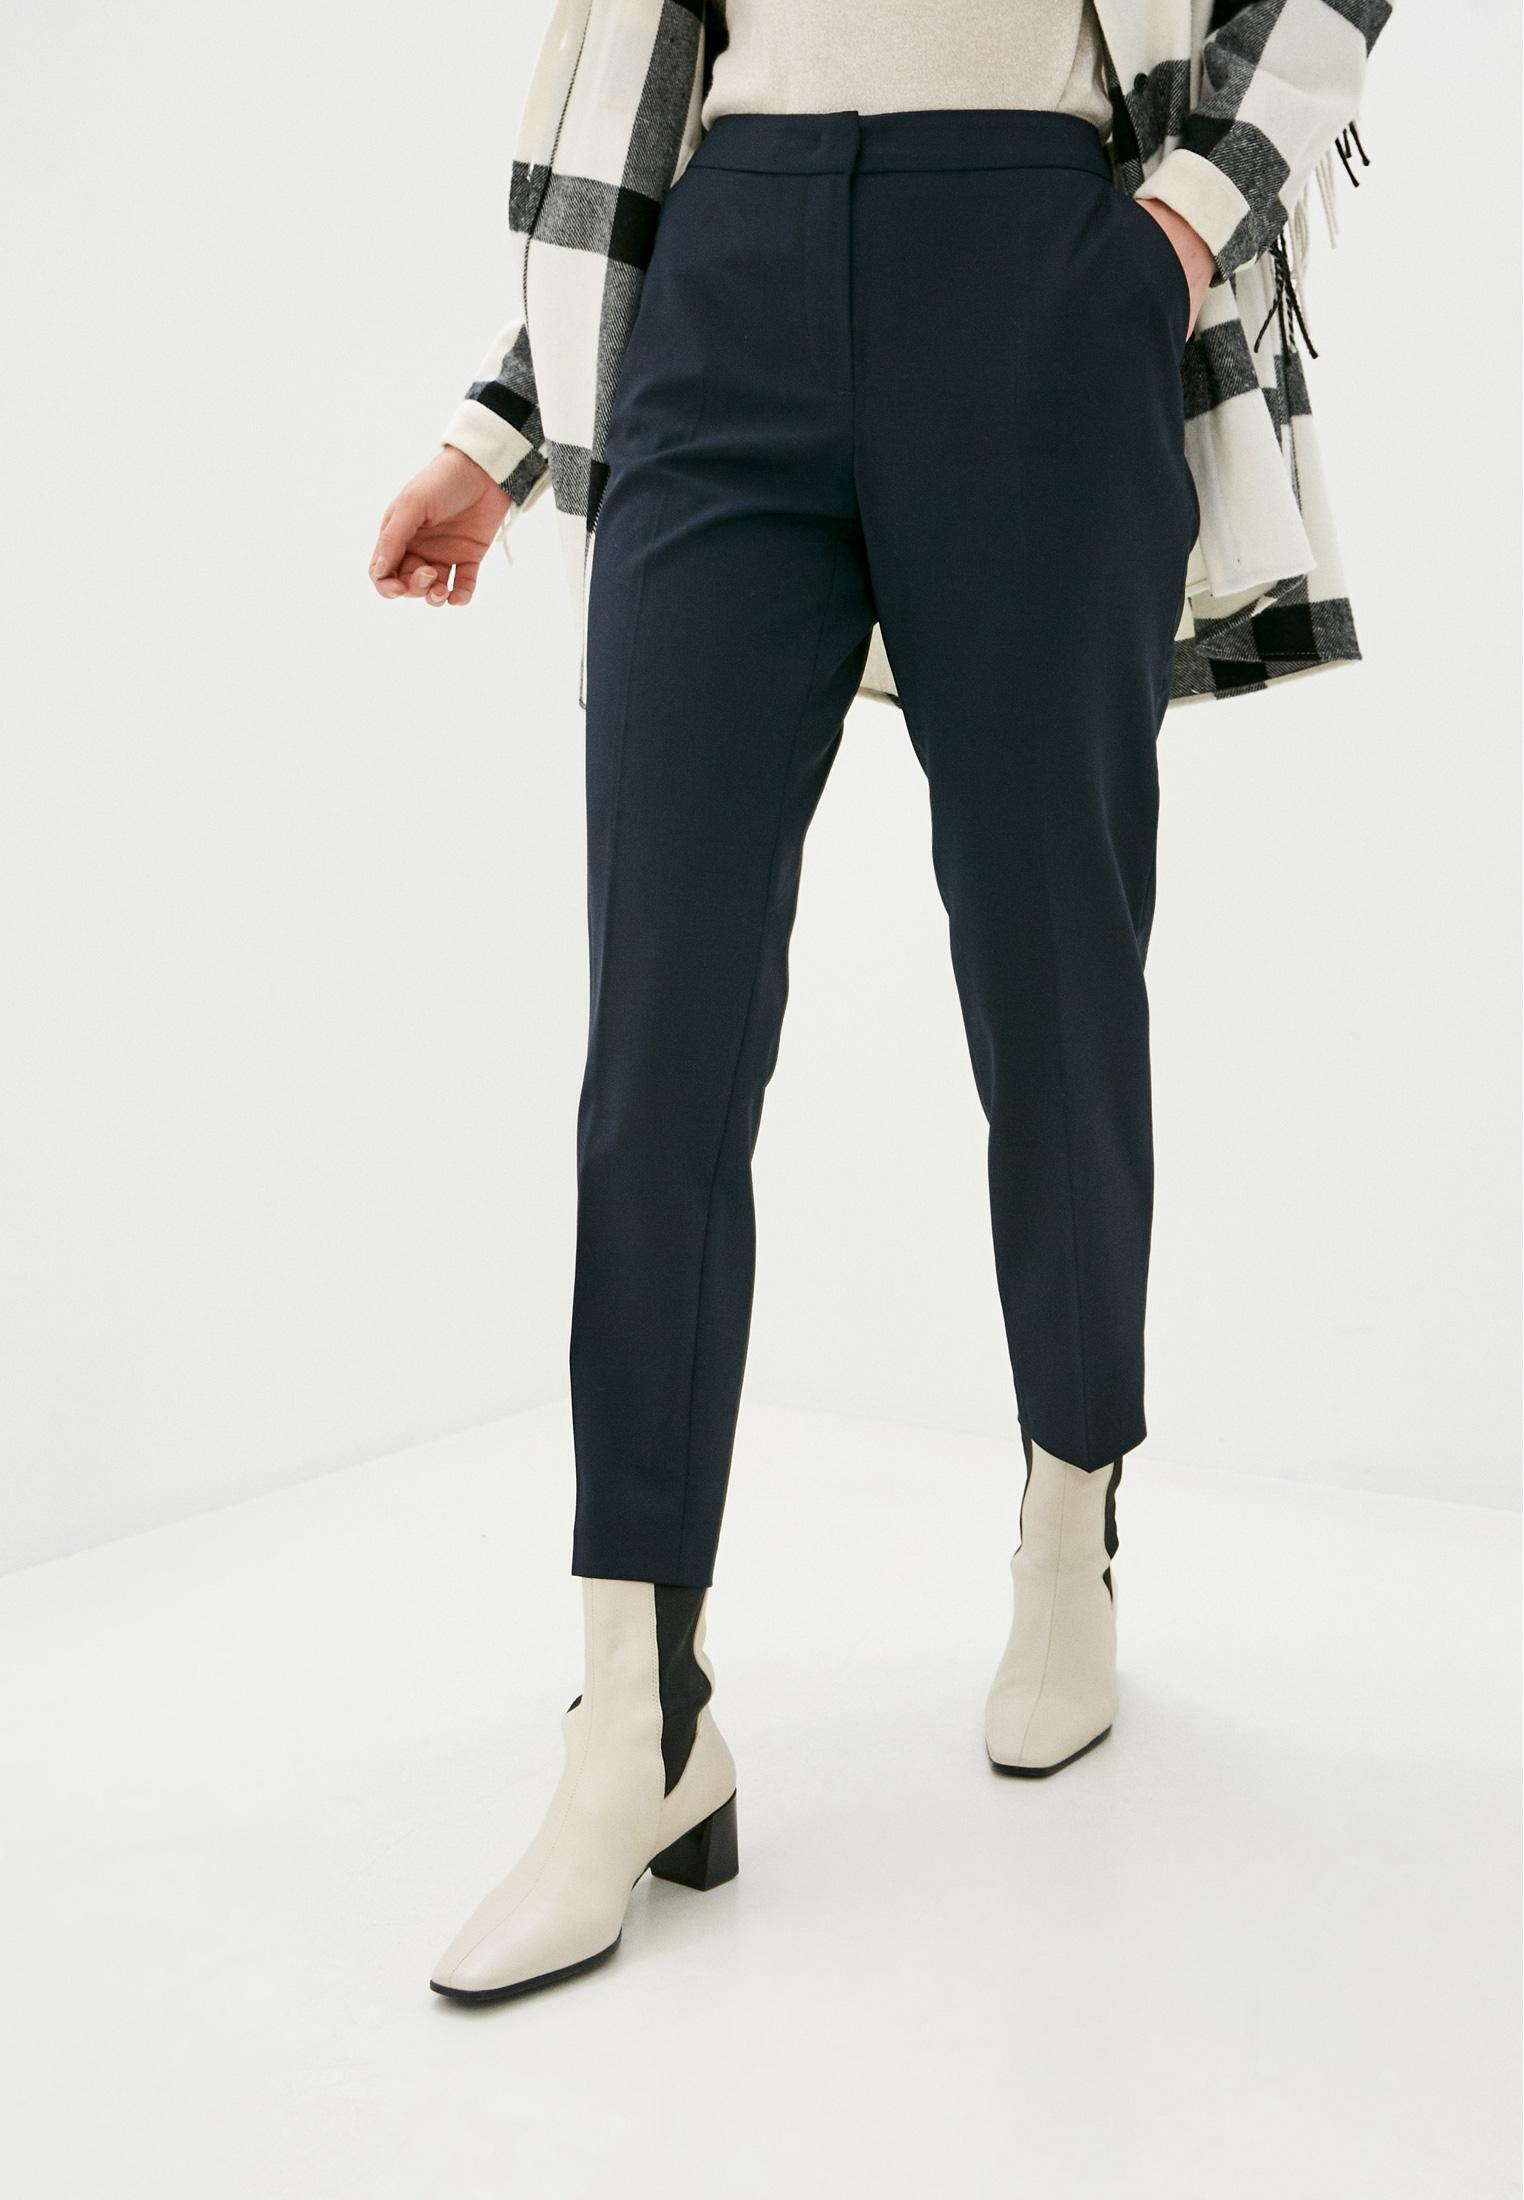 Женские классические брюки Betty Barclay Брюки Betty Barclay